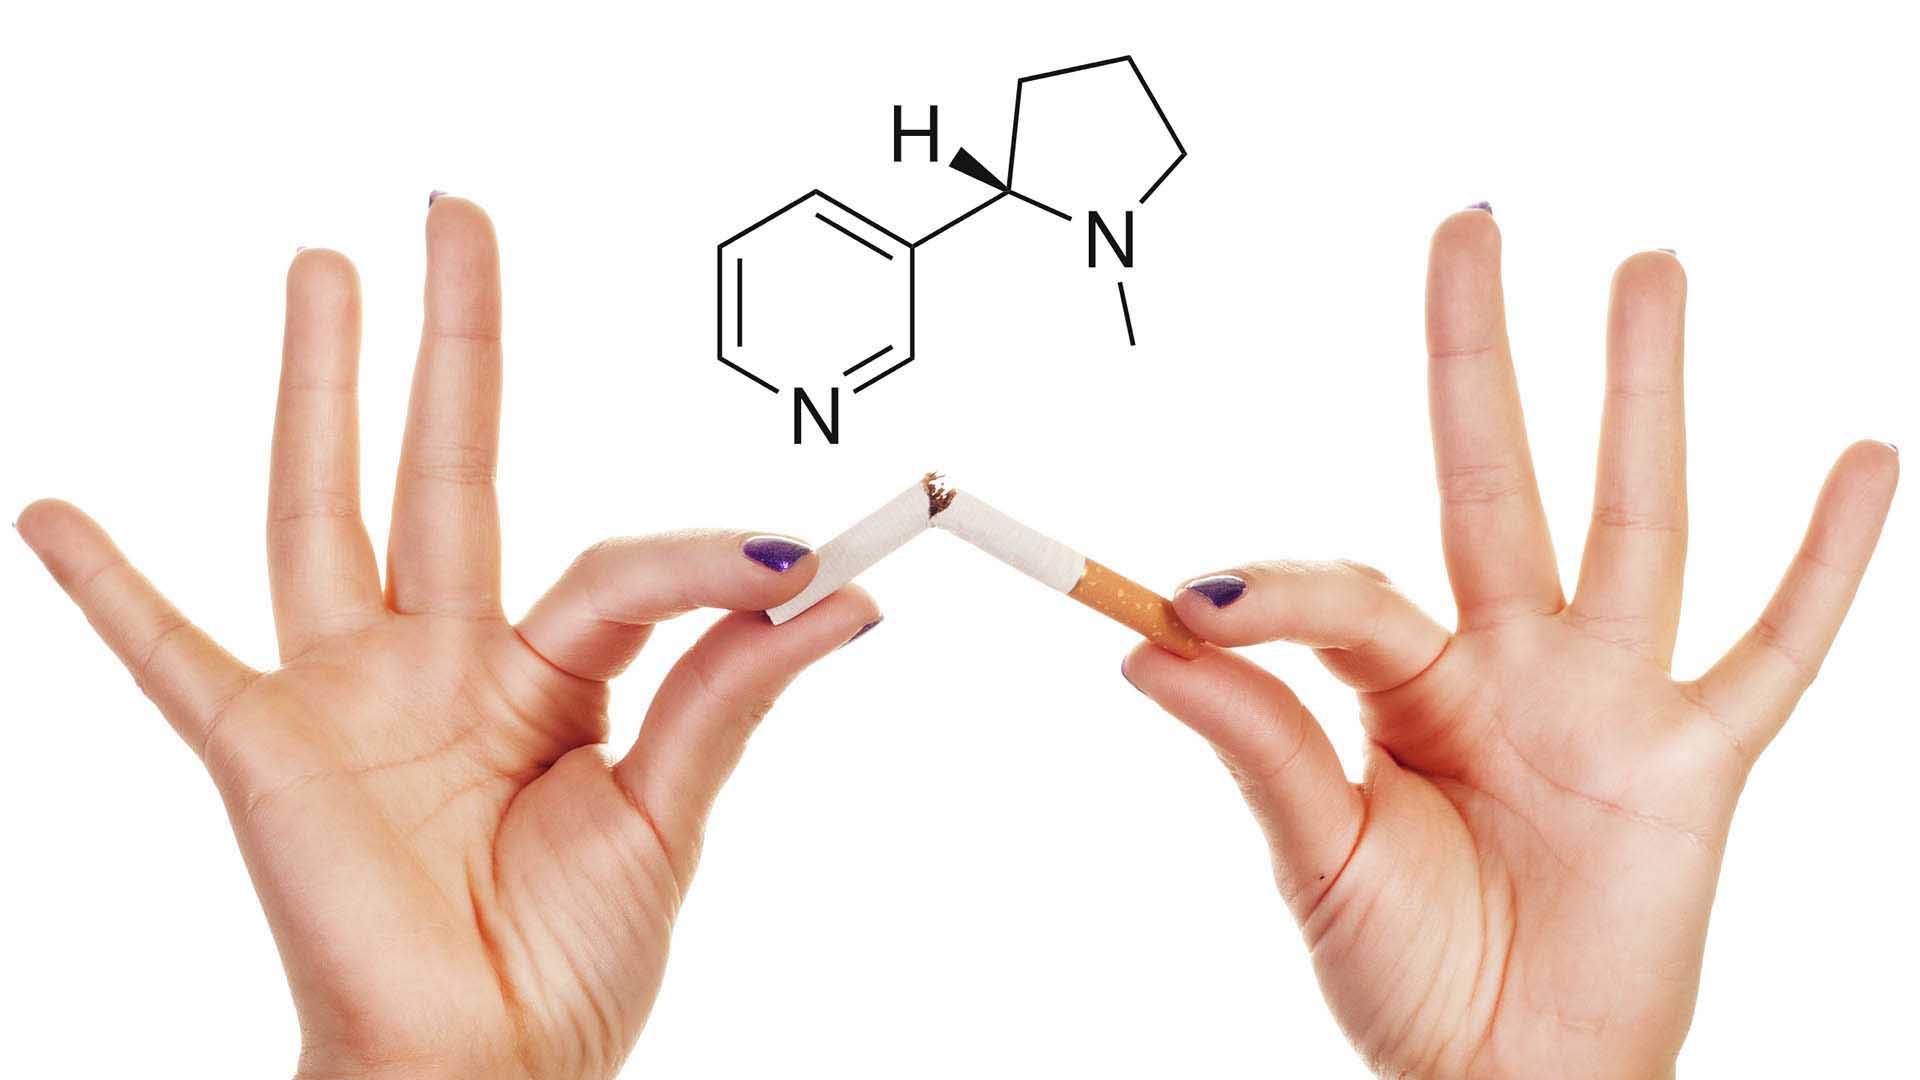 Dipendenza da nicotina e malattie psichiatriche